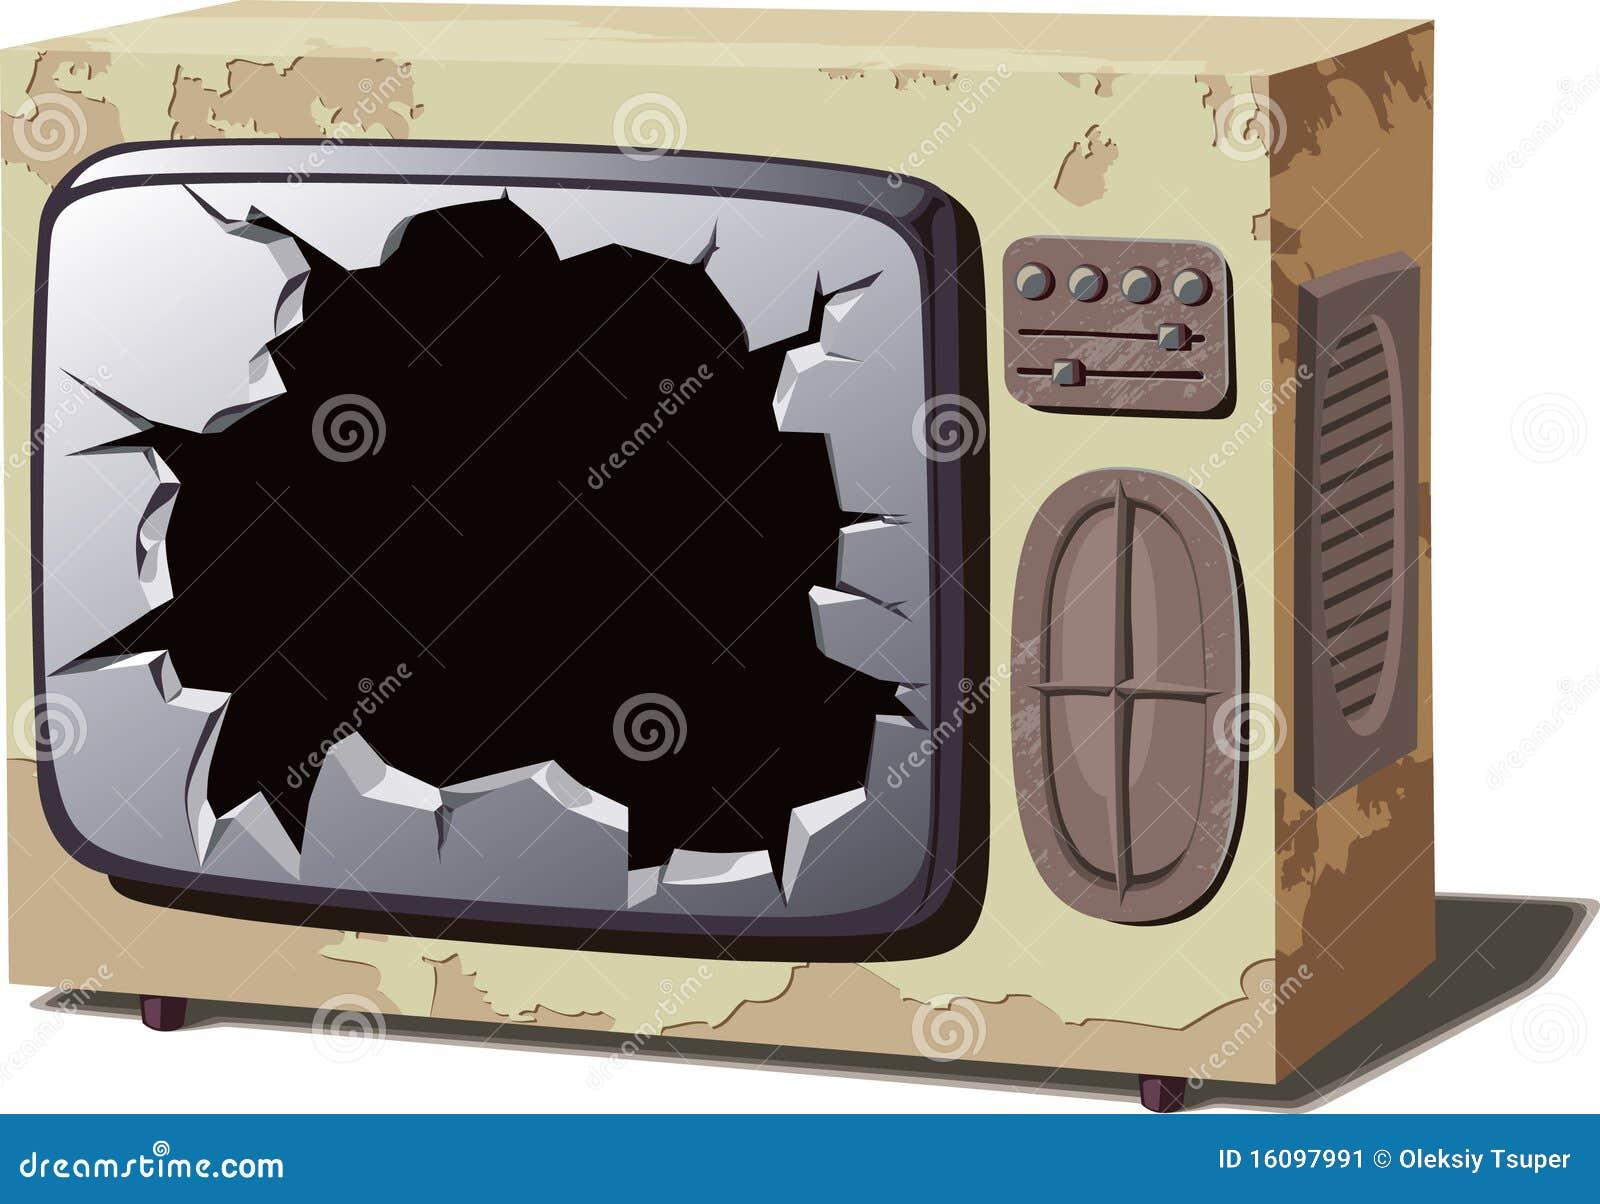 Aparelho de televisão quebrado velho